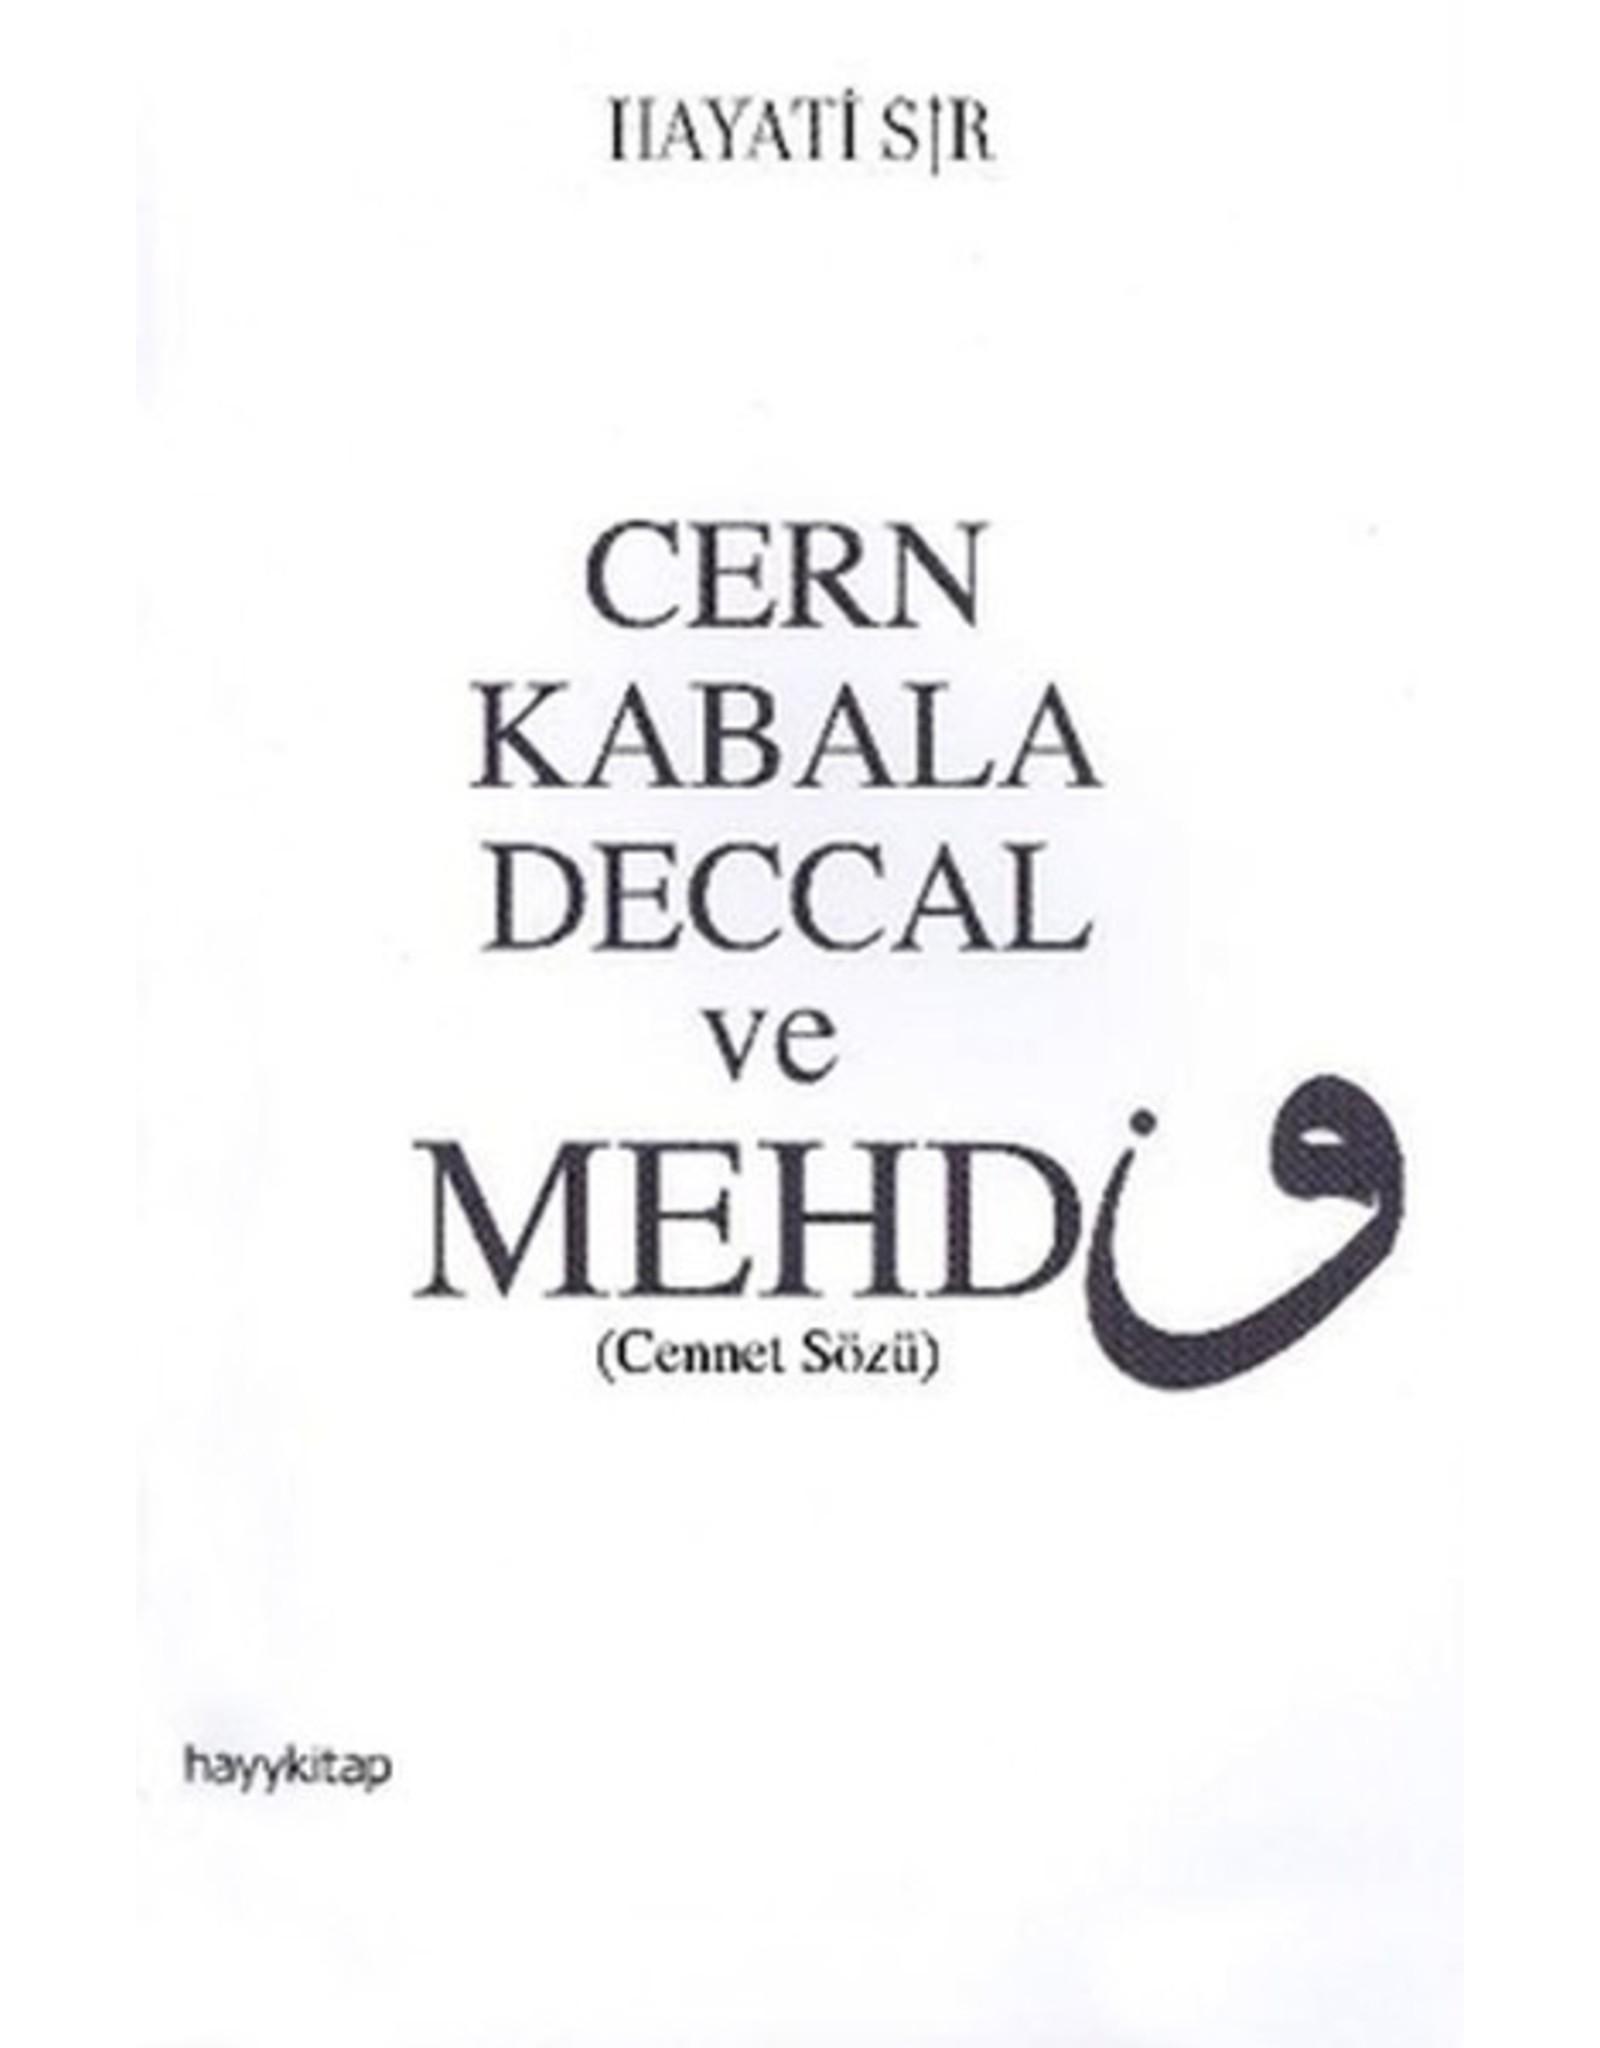 Hayati Sır Cern Kabala Deccal ve Mehdi (Cennet Sözü)